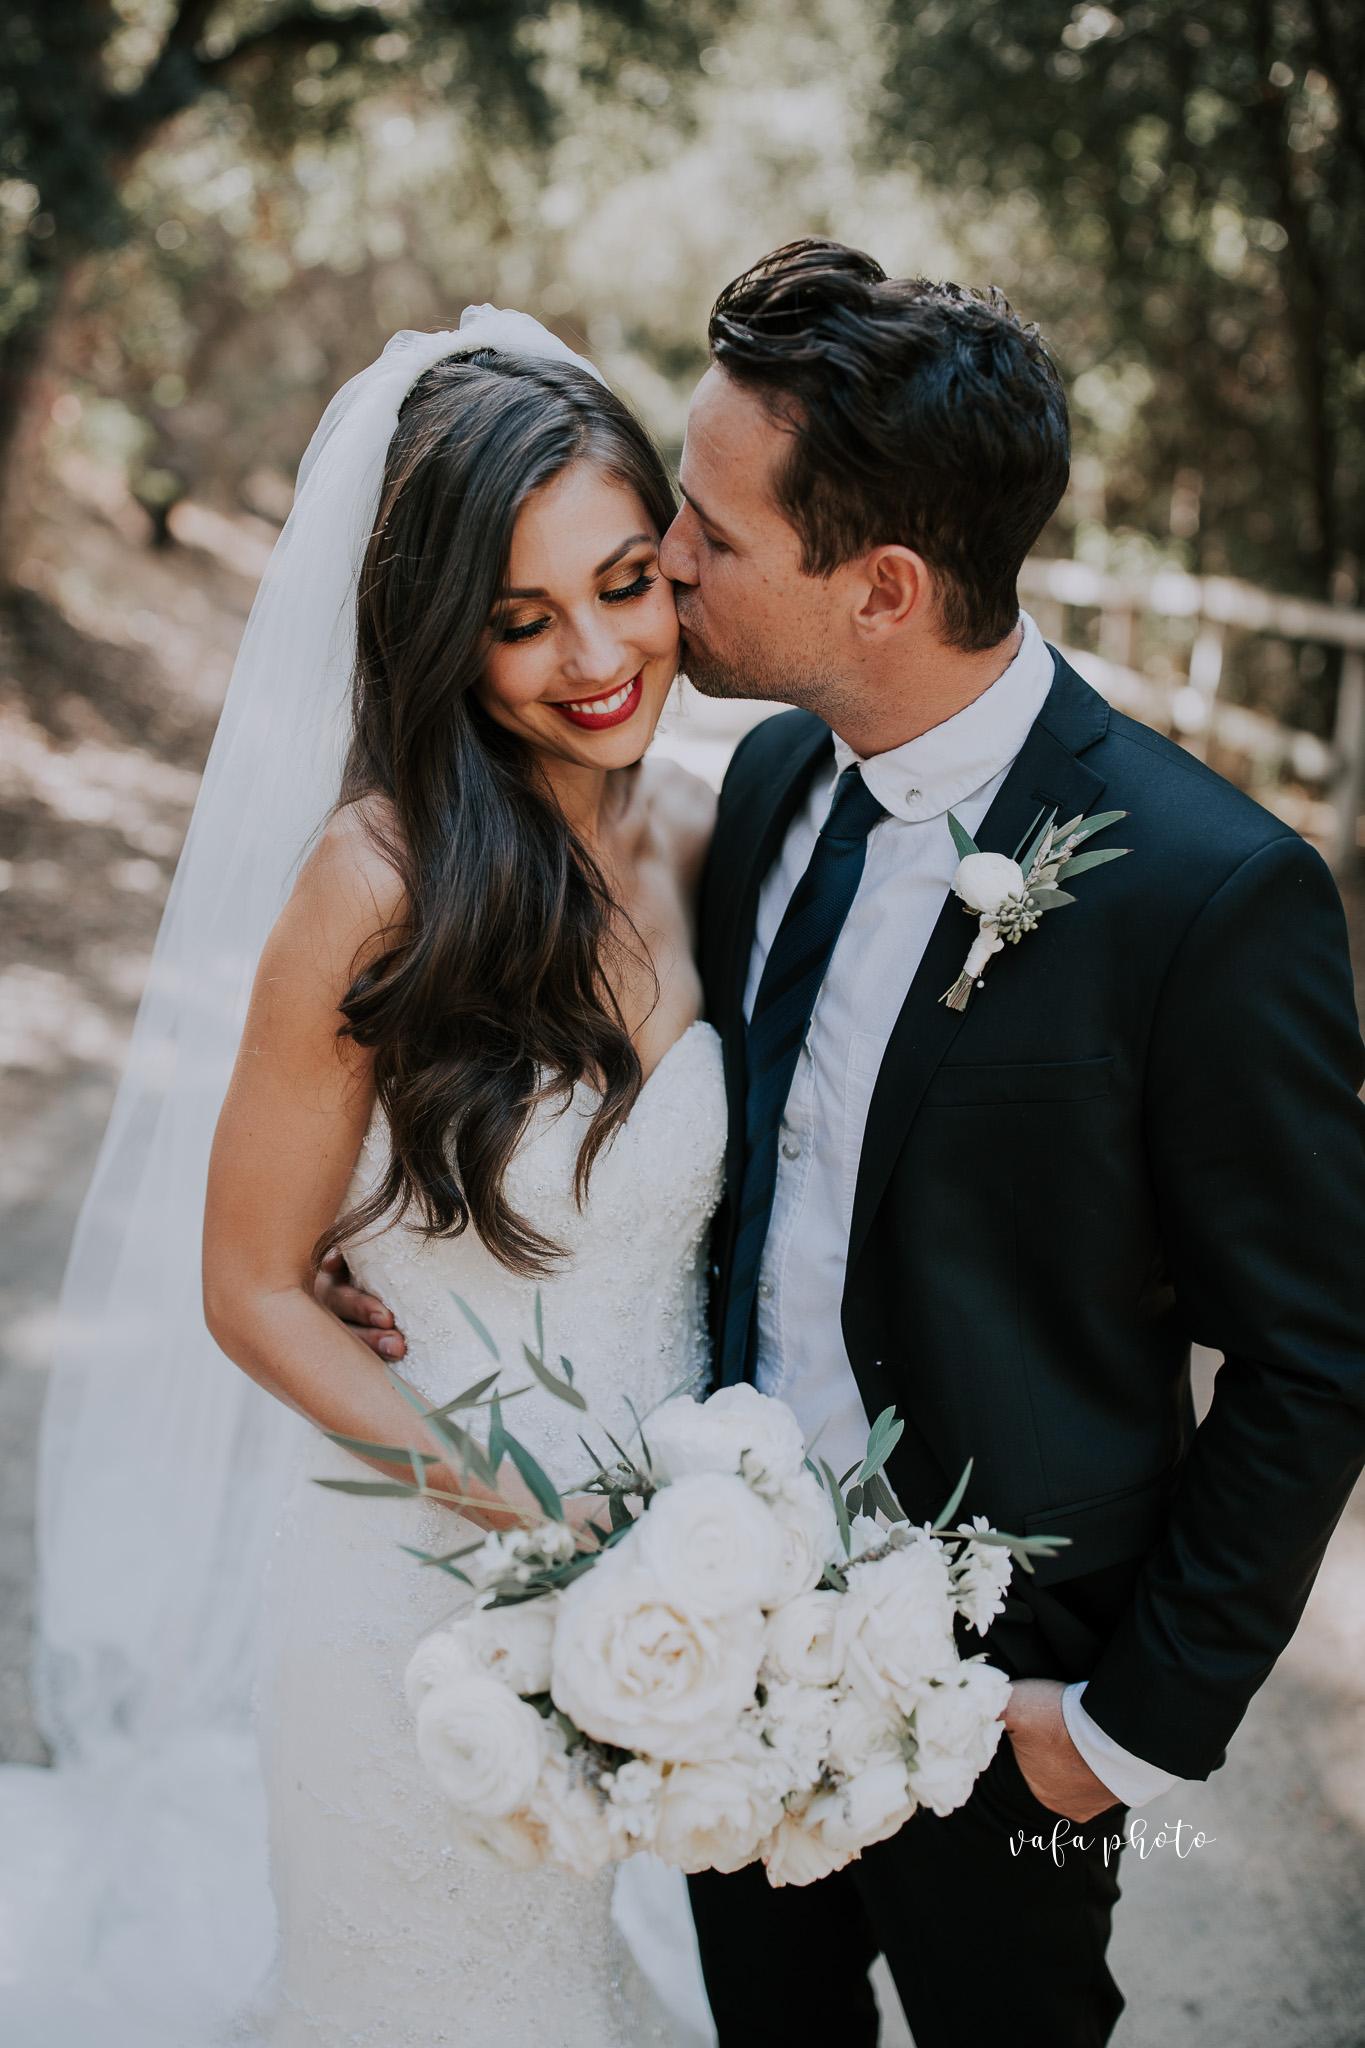 Southern-California-Wedding-Britt-Nilsson-Jeremy-Byrne-Vafa-Photo-255.jpg